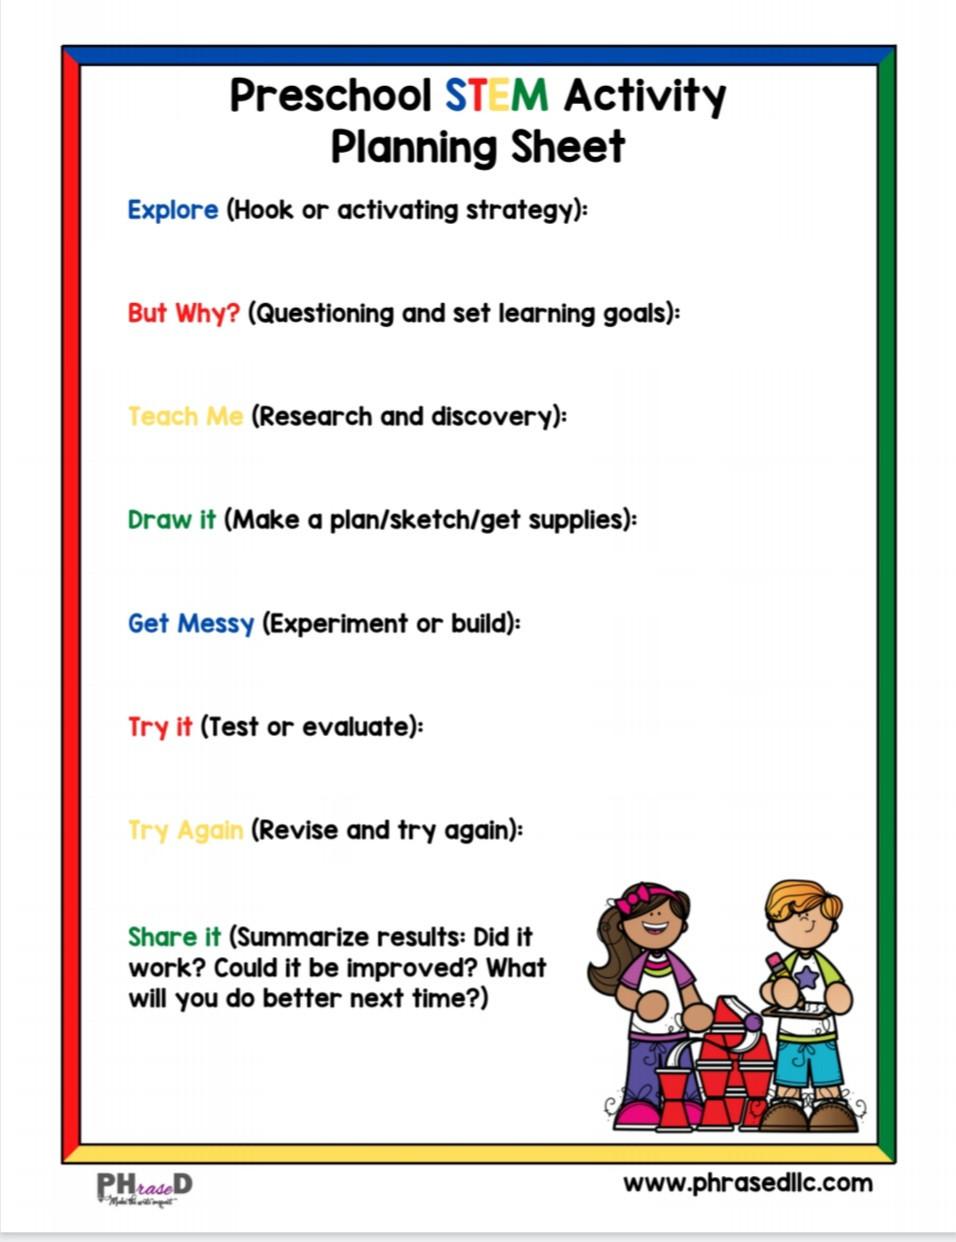 Preschool STEM activity planning sheet to come up with Stem activities for your preschooler.